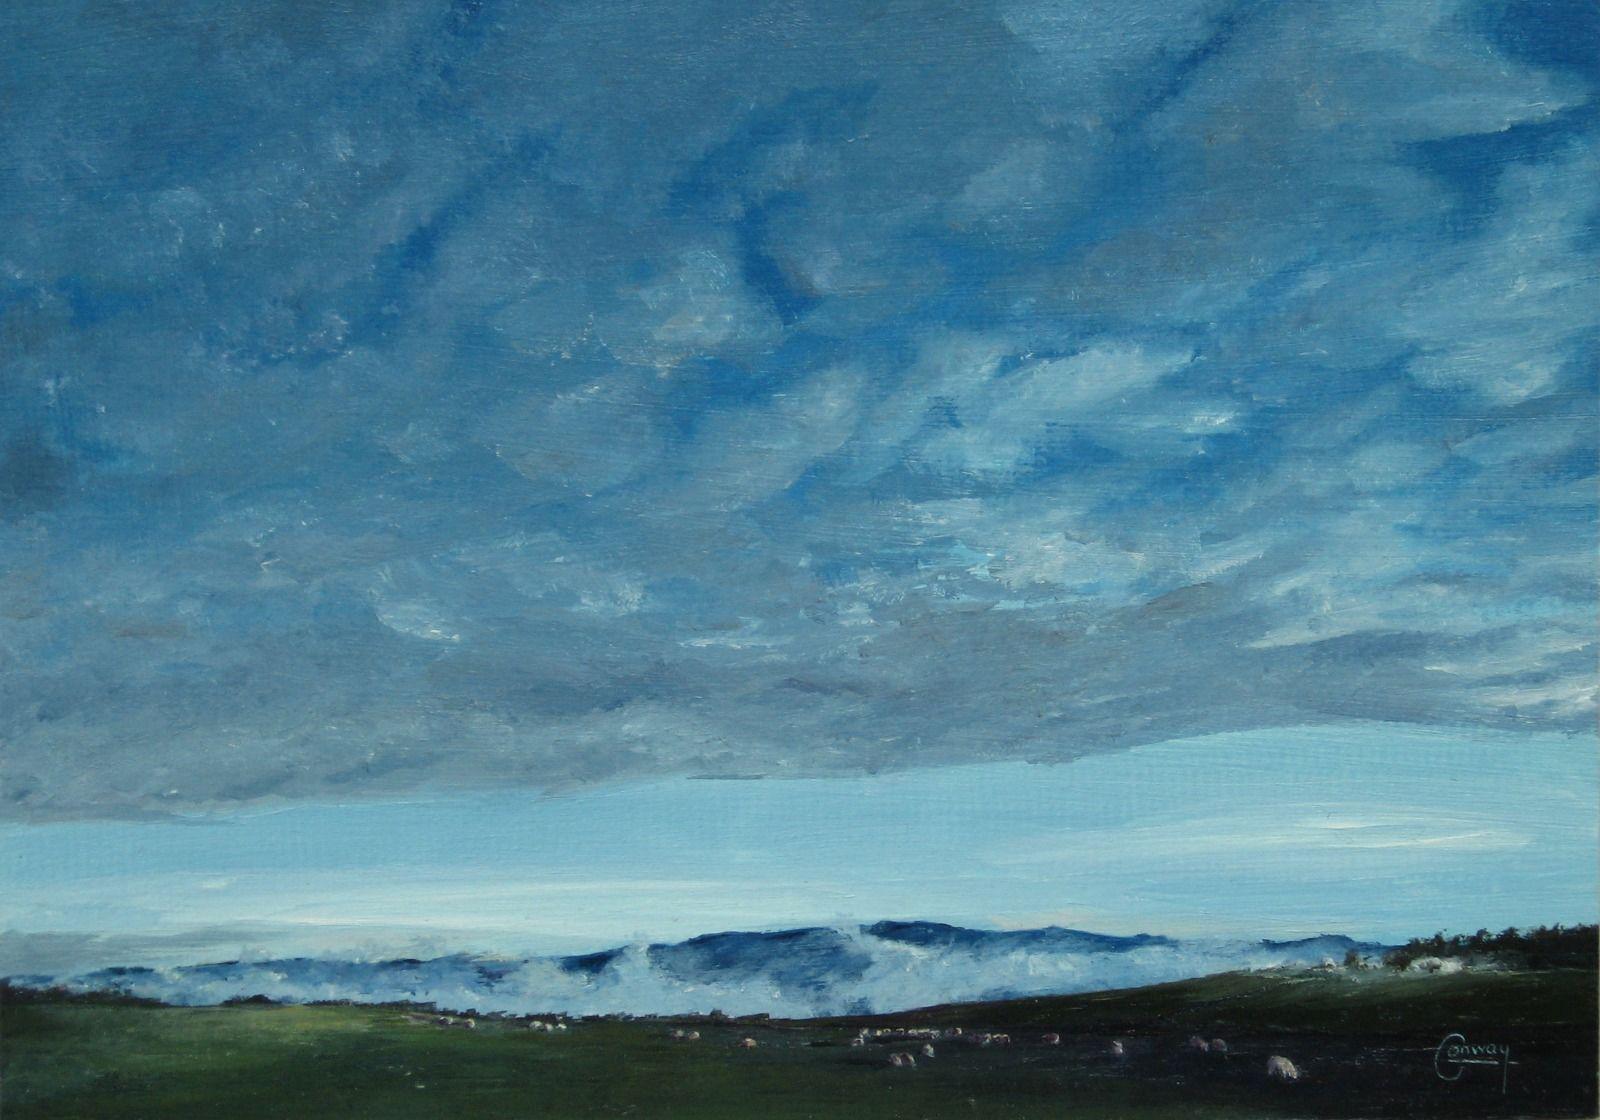 'Sky and Sheep, Looking East' - Llansawel, Carmarthenshire